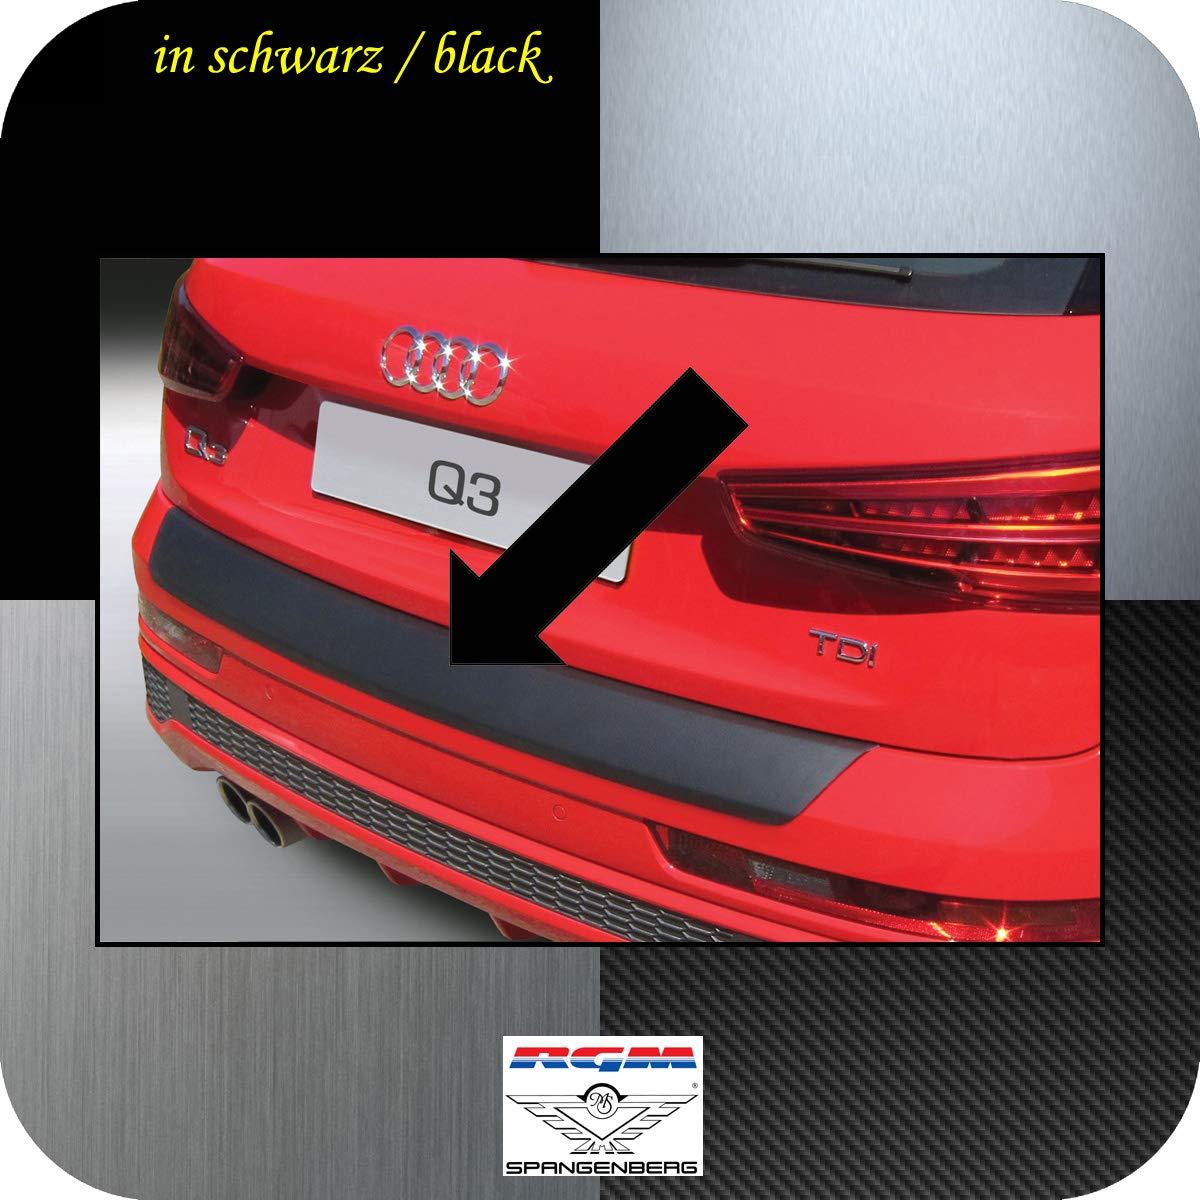 Protector de Borde de Carga RGM Original Negro para Audi Q3 Compacto Tipo 8U SUV A/ño de construcci/ón 06.2011 Richard Grant Mouldings Ltd 08.2018 tambi/én Modelos RS RBP762